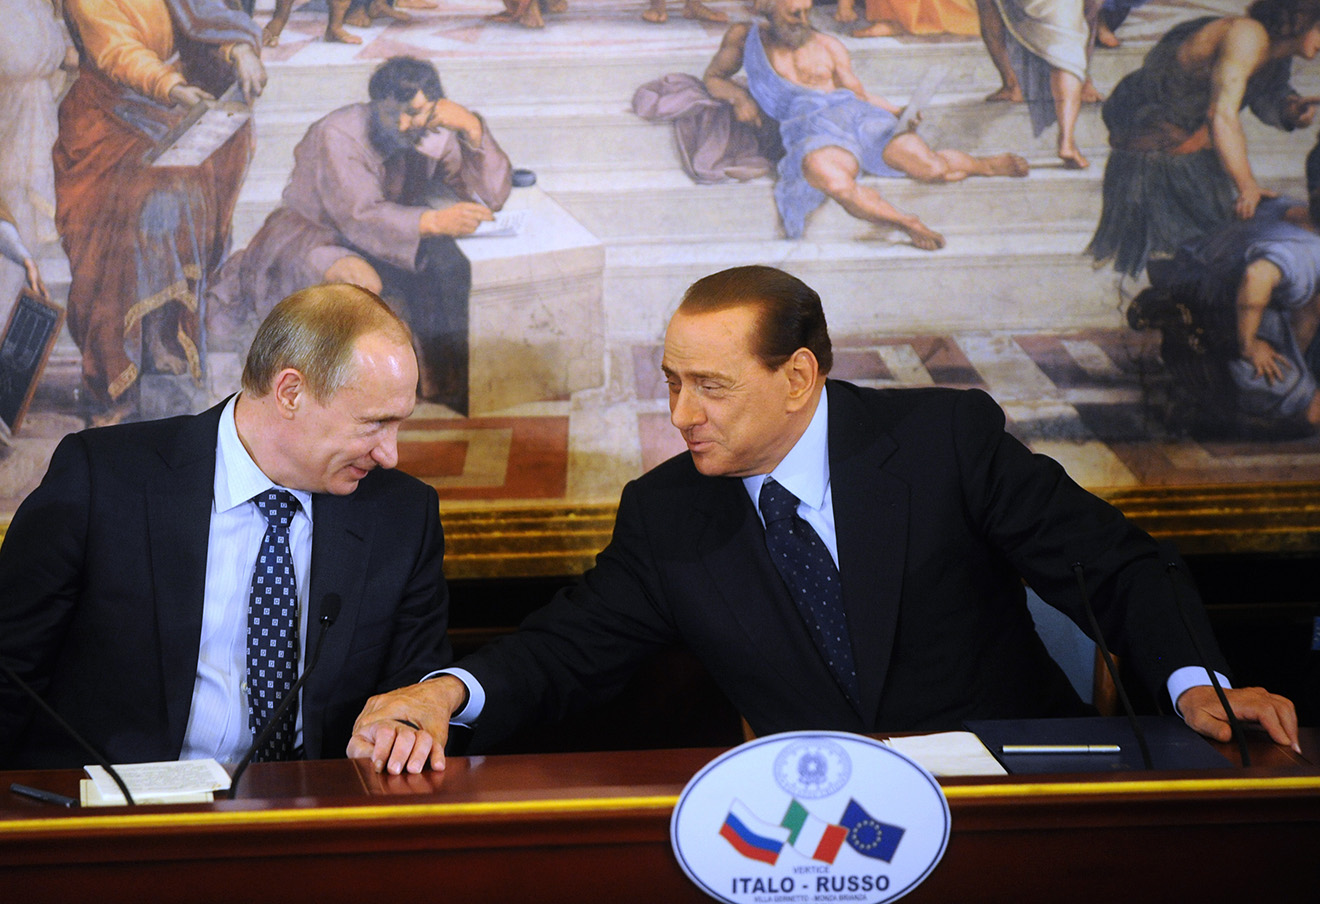 Владимир Путин и премьер-министр Италии Сильвио Берлускони во время совместной пресс-конференции, 2010 год.